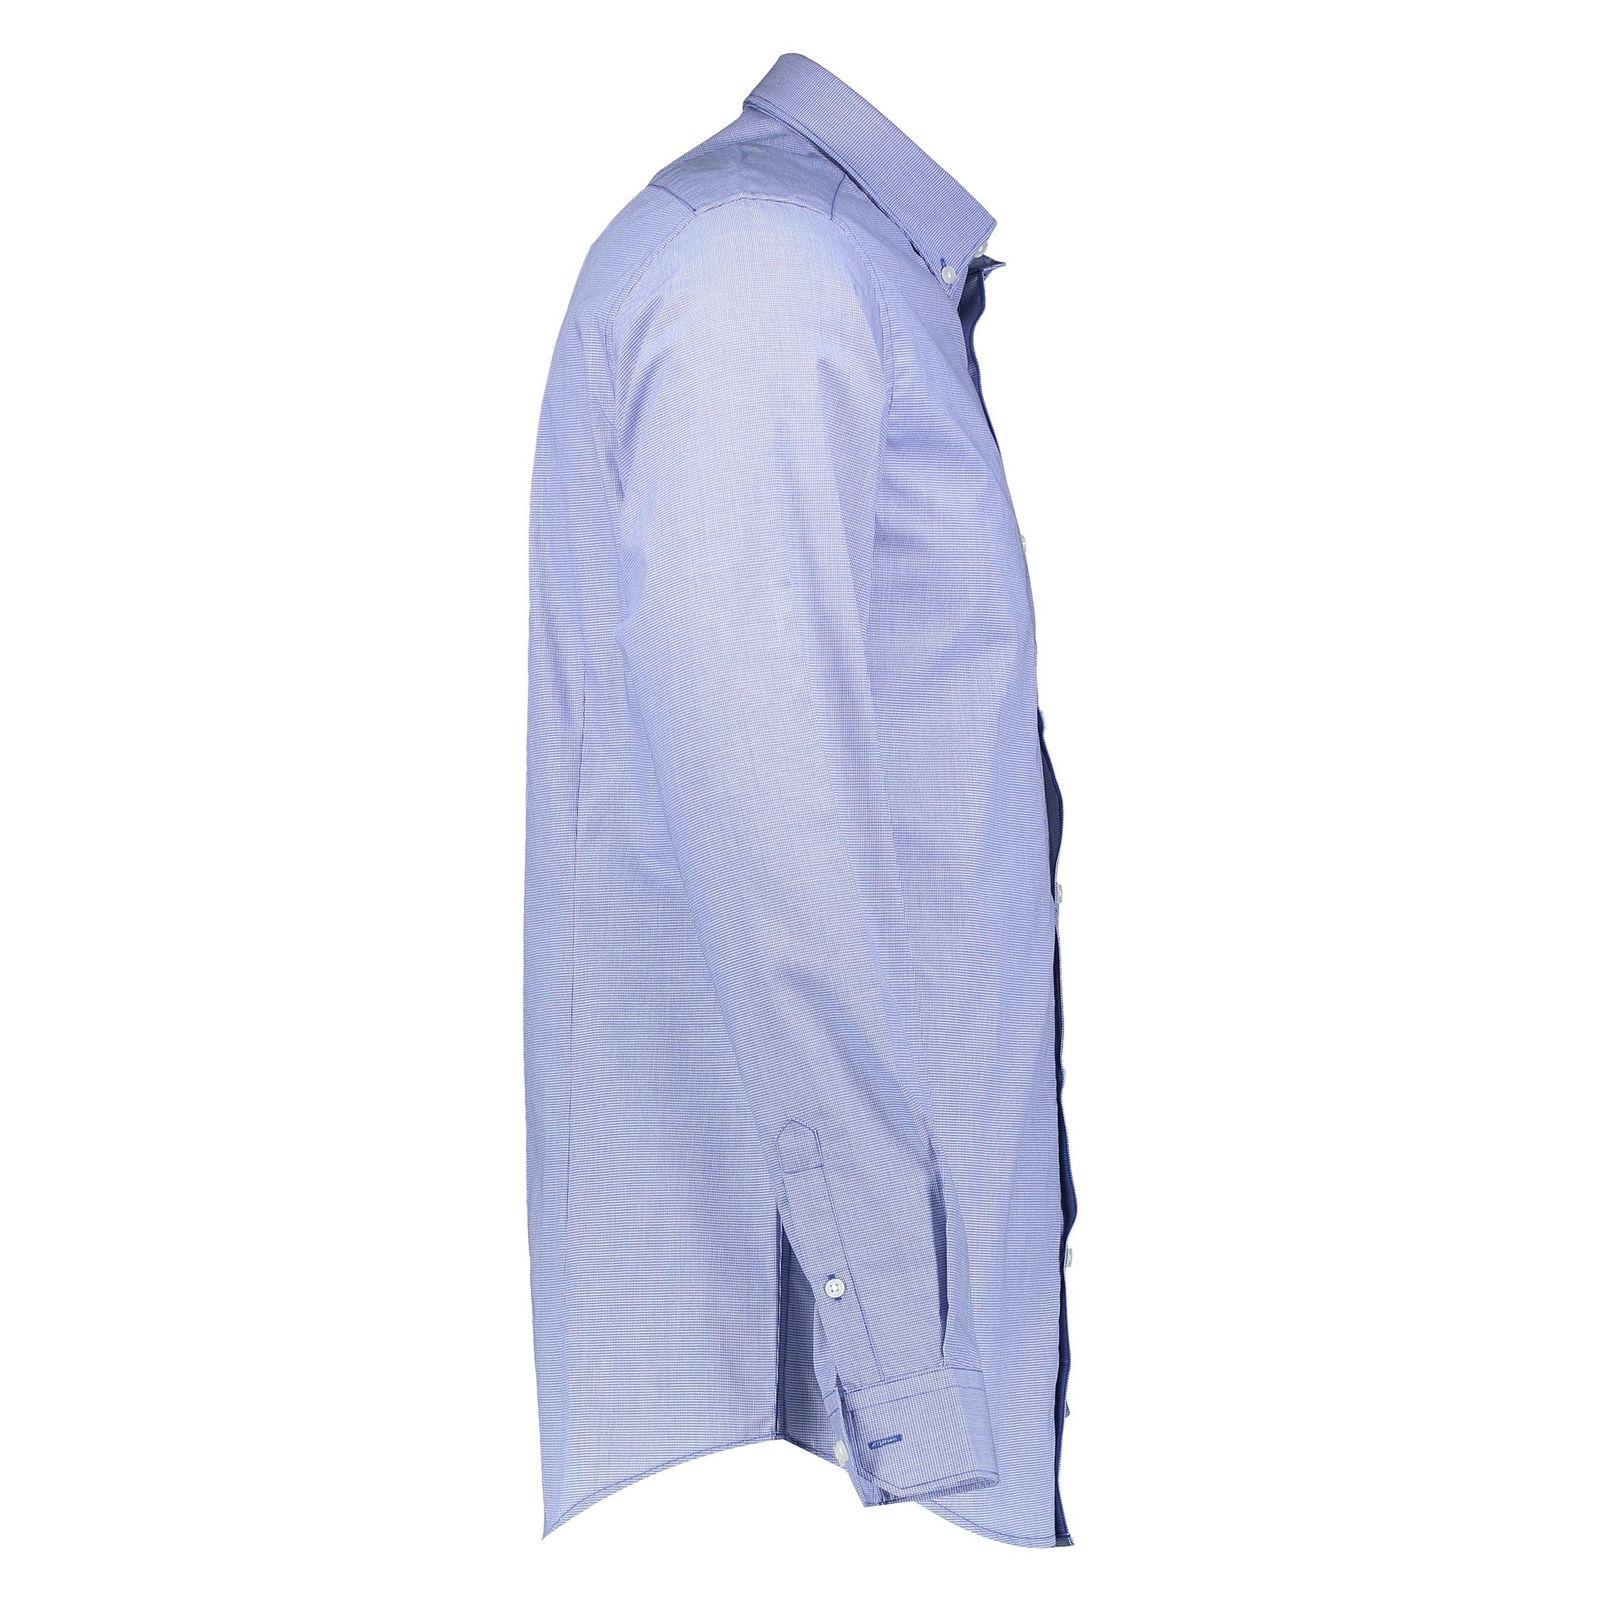 پیراهن آستین بلند مردانه - رد هرینگ - آبي - 3